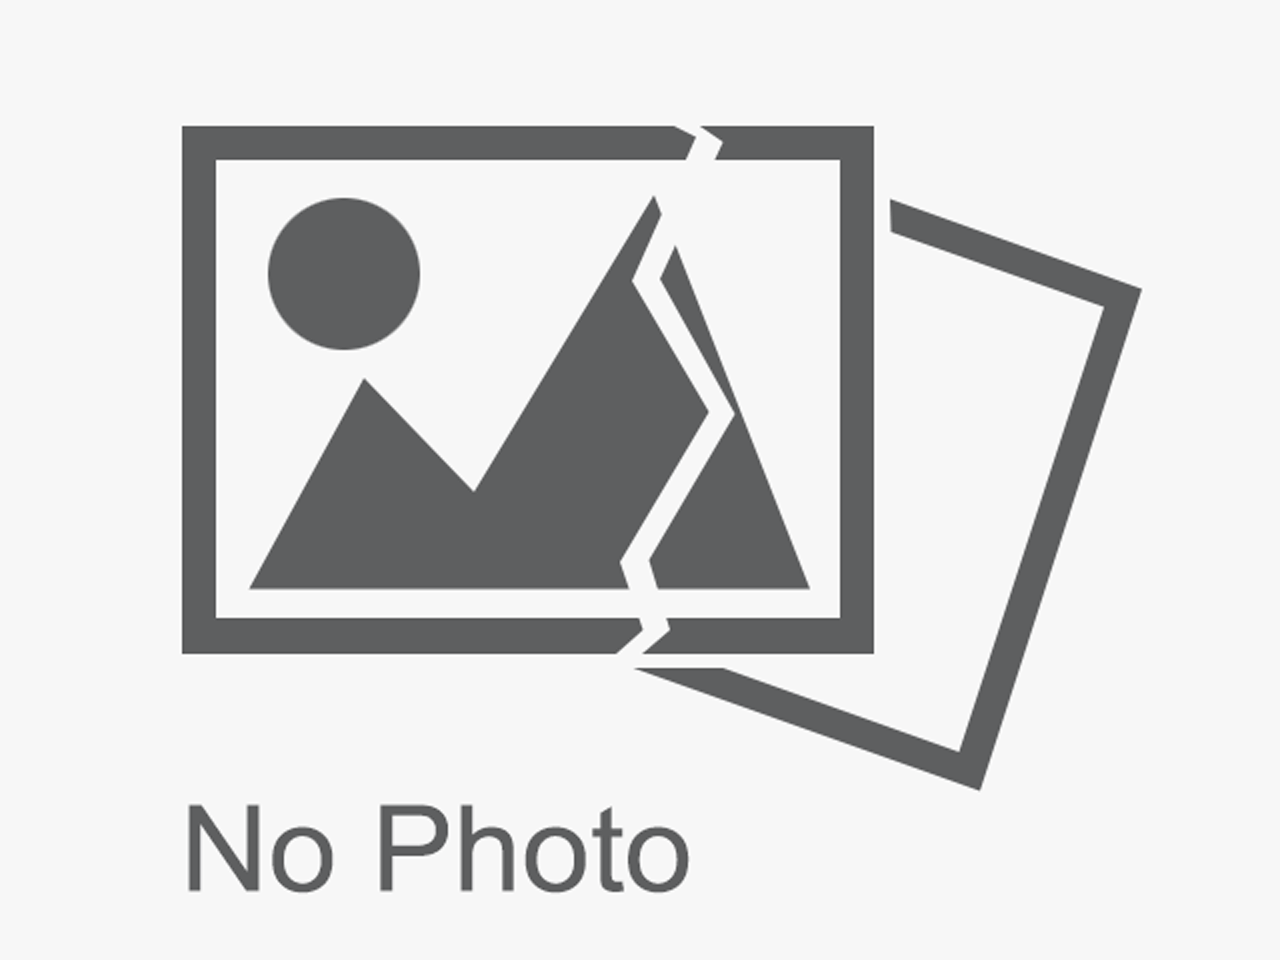 Használt SSANGYONG KORANDO 2.2 D Jobb hátsó rugó (Légrugó / Laprugó / Spirálrugó) Alkatrész